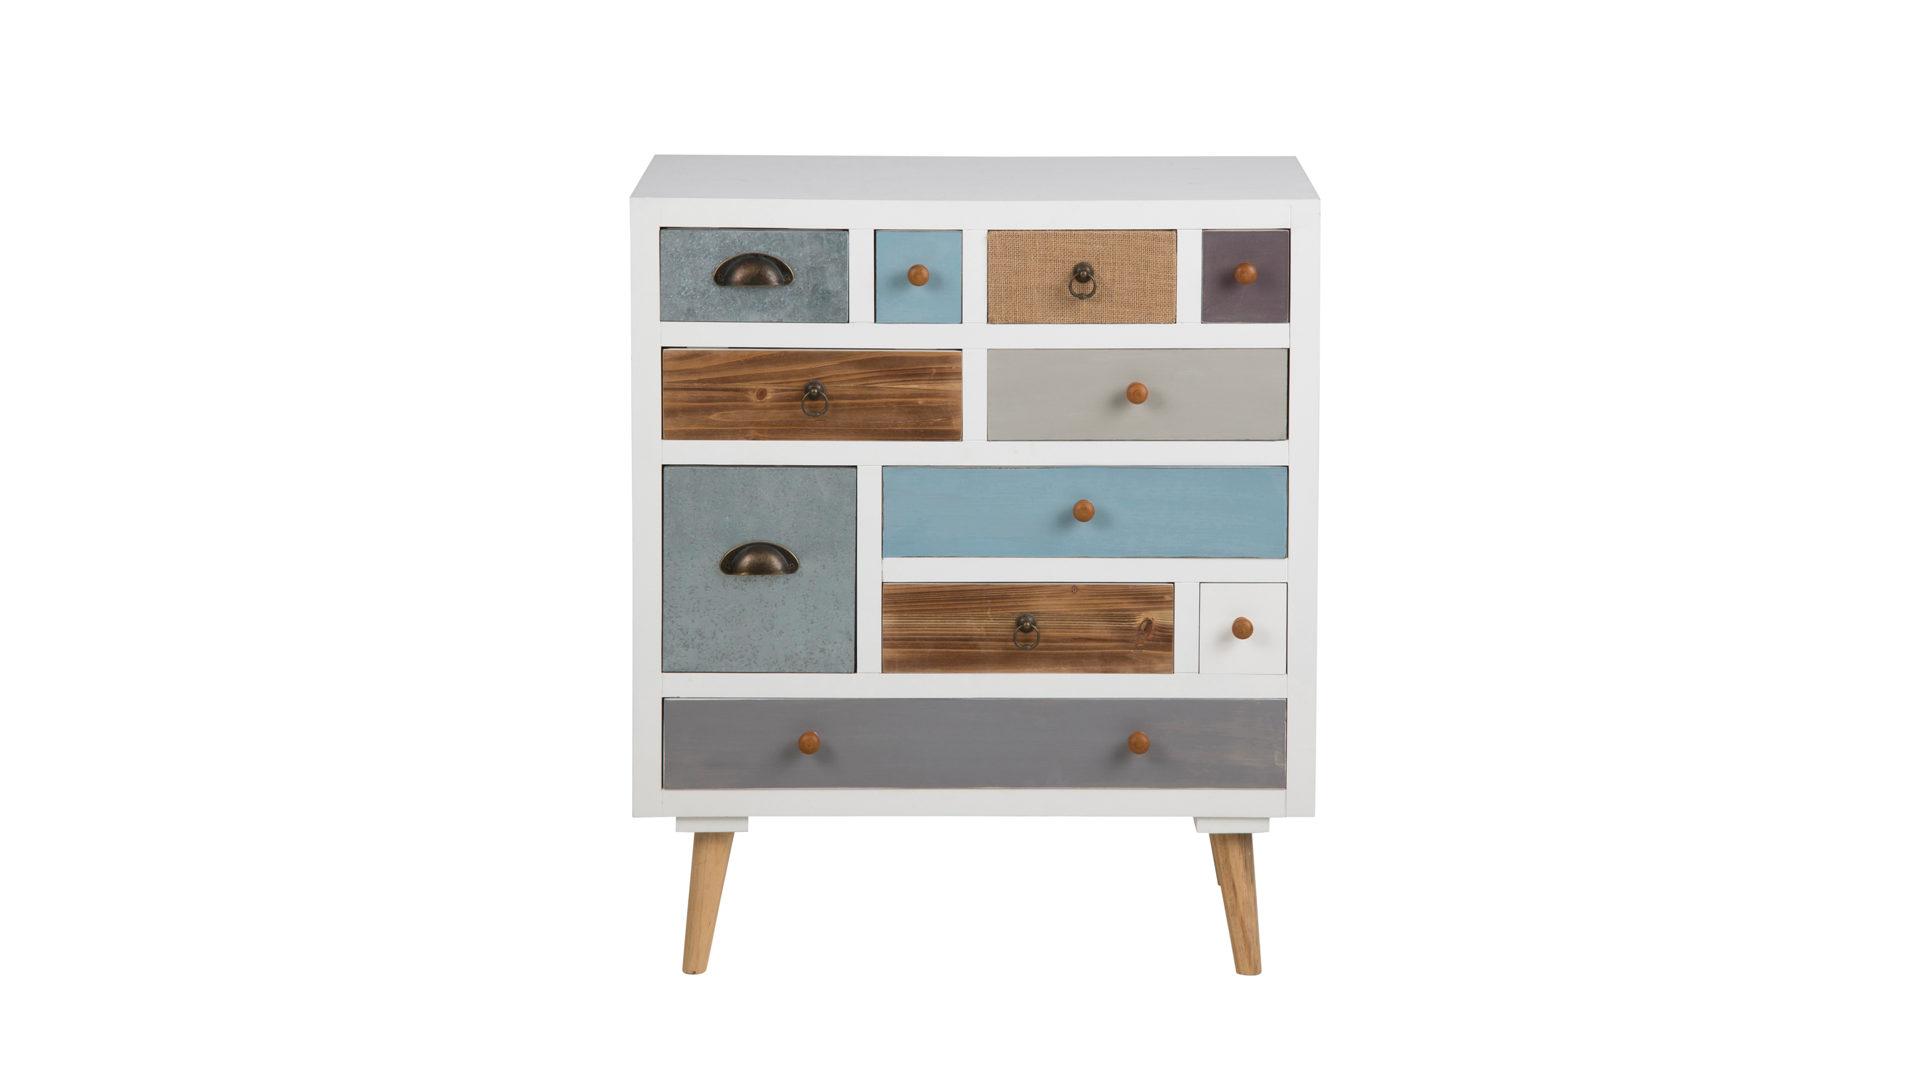 Möbel Bunt wohnland breitwieser möbel a z kommoden kommodenserien